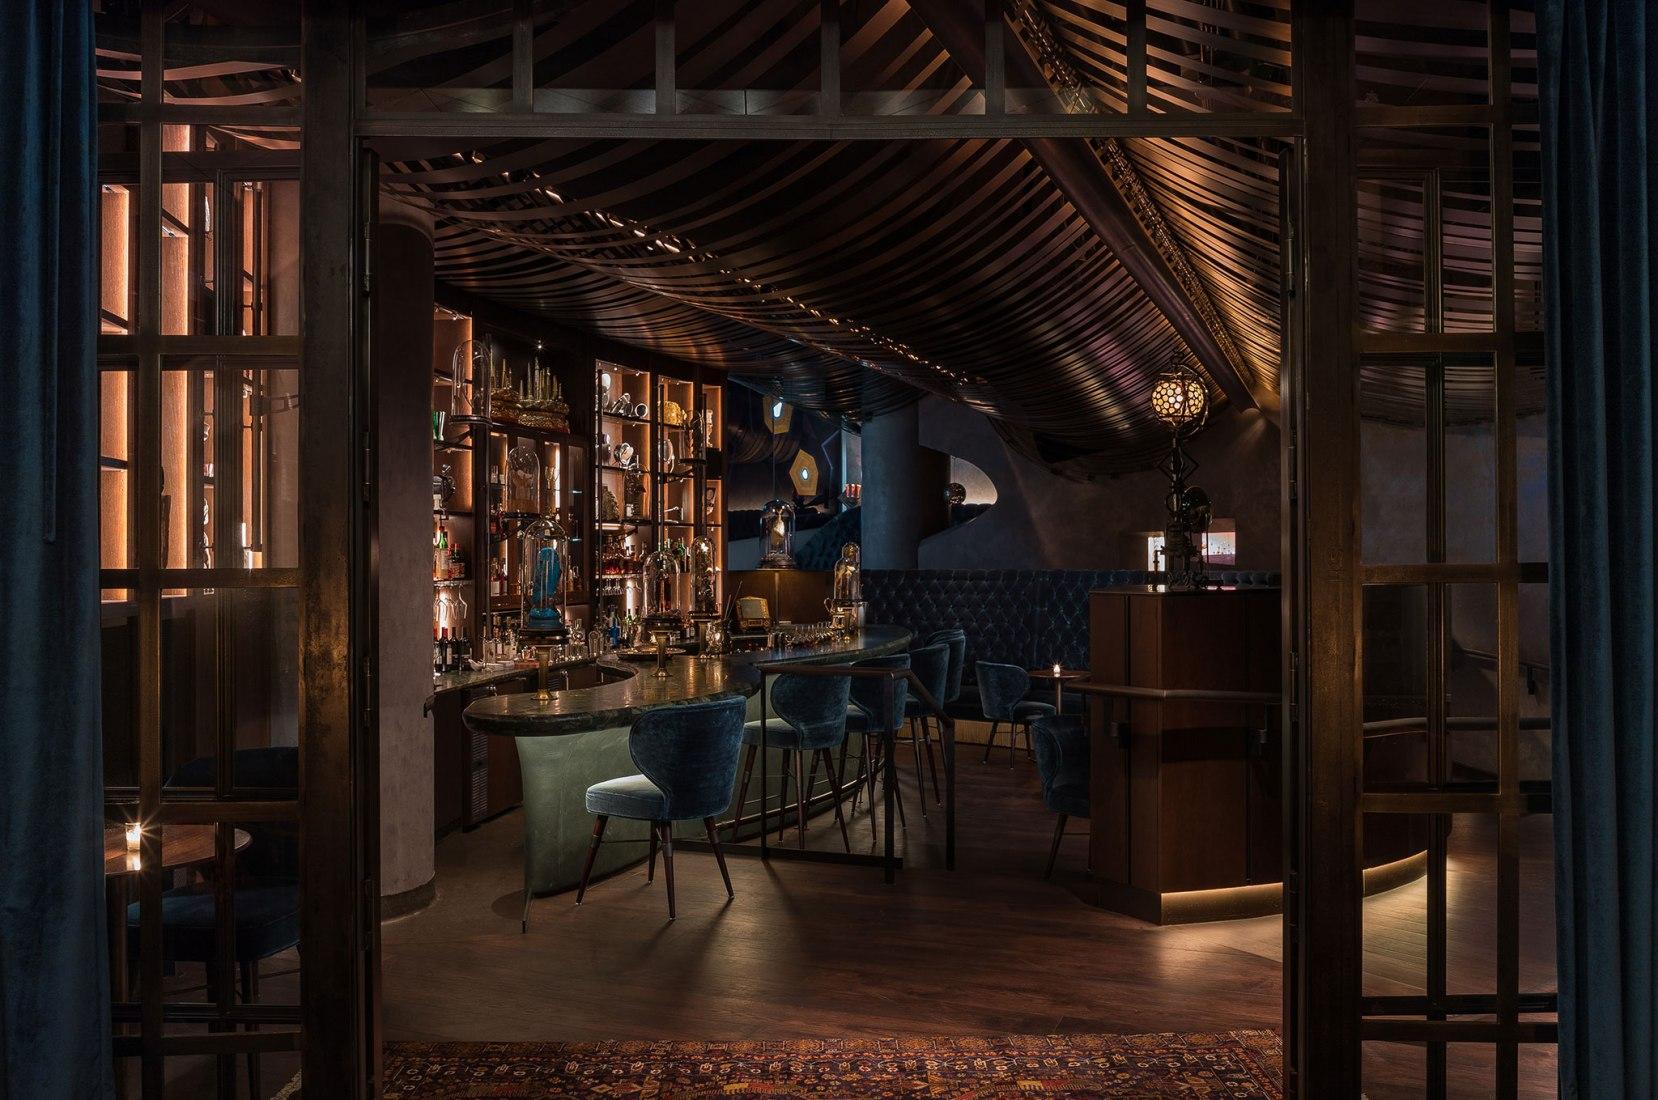 Un nuevo bar llamado Deep Dive por Graham Baba Architects. Fotografía por Haris Kenjar.